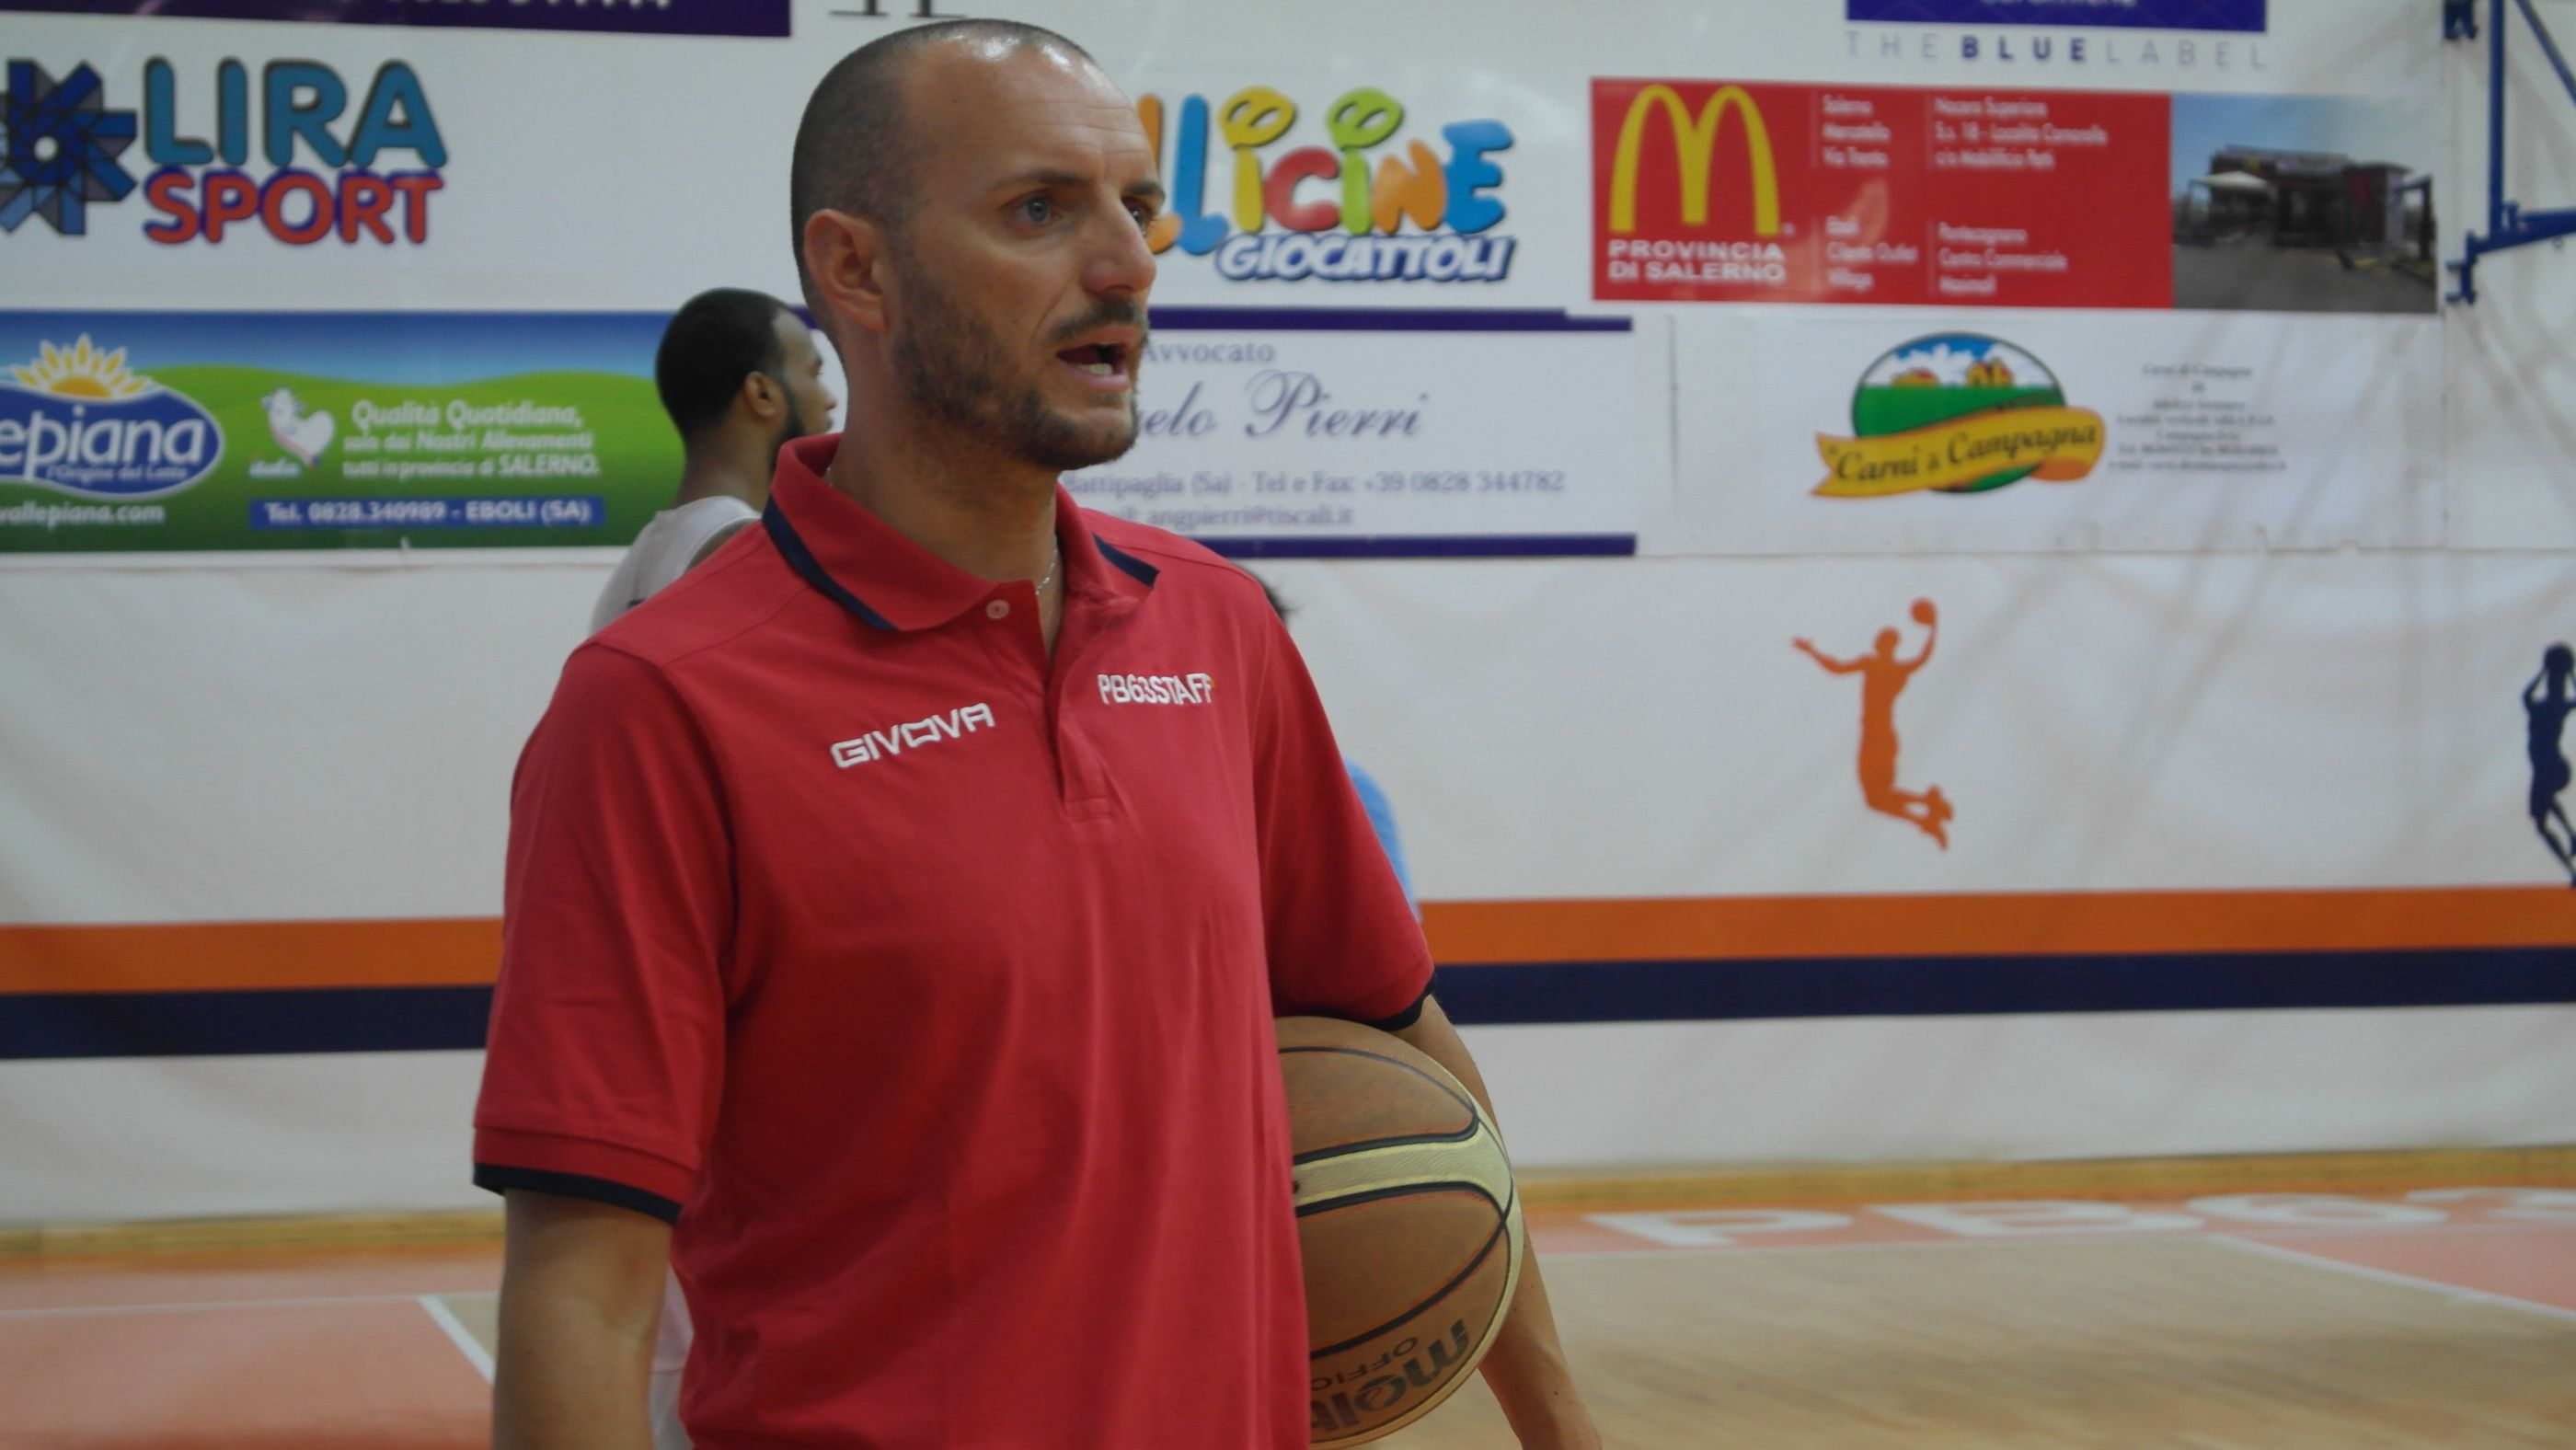 Daniele Serrelli